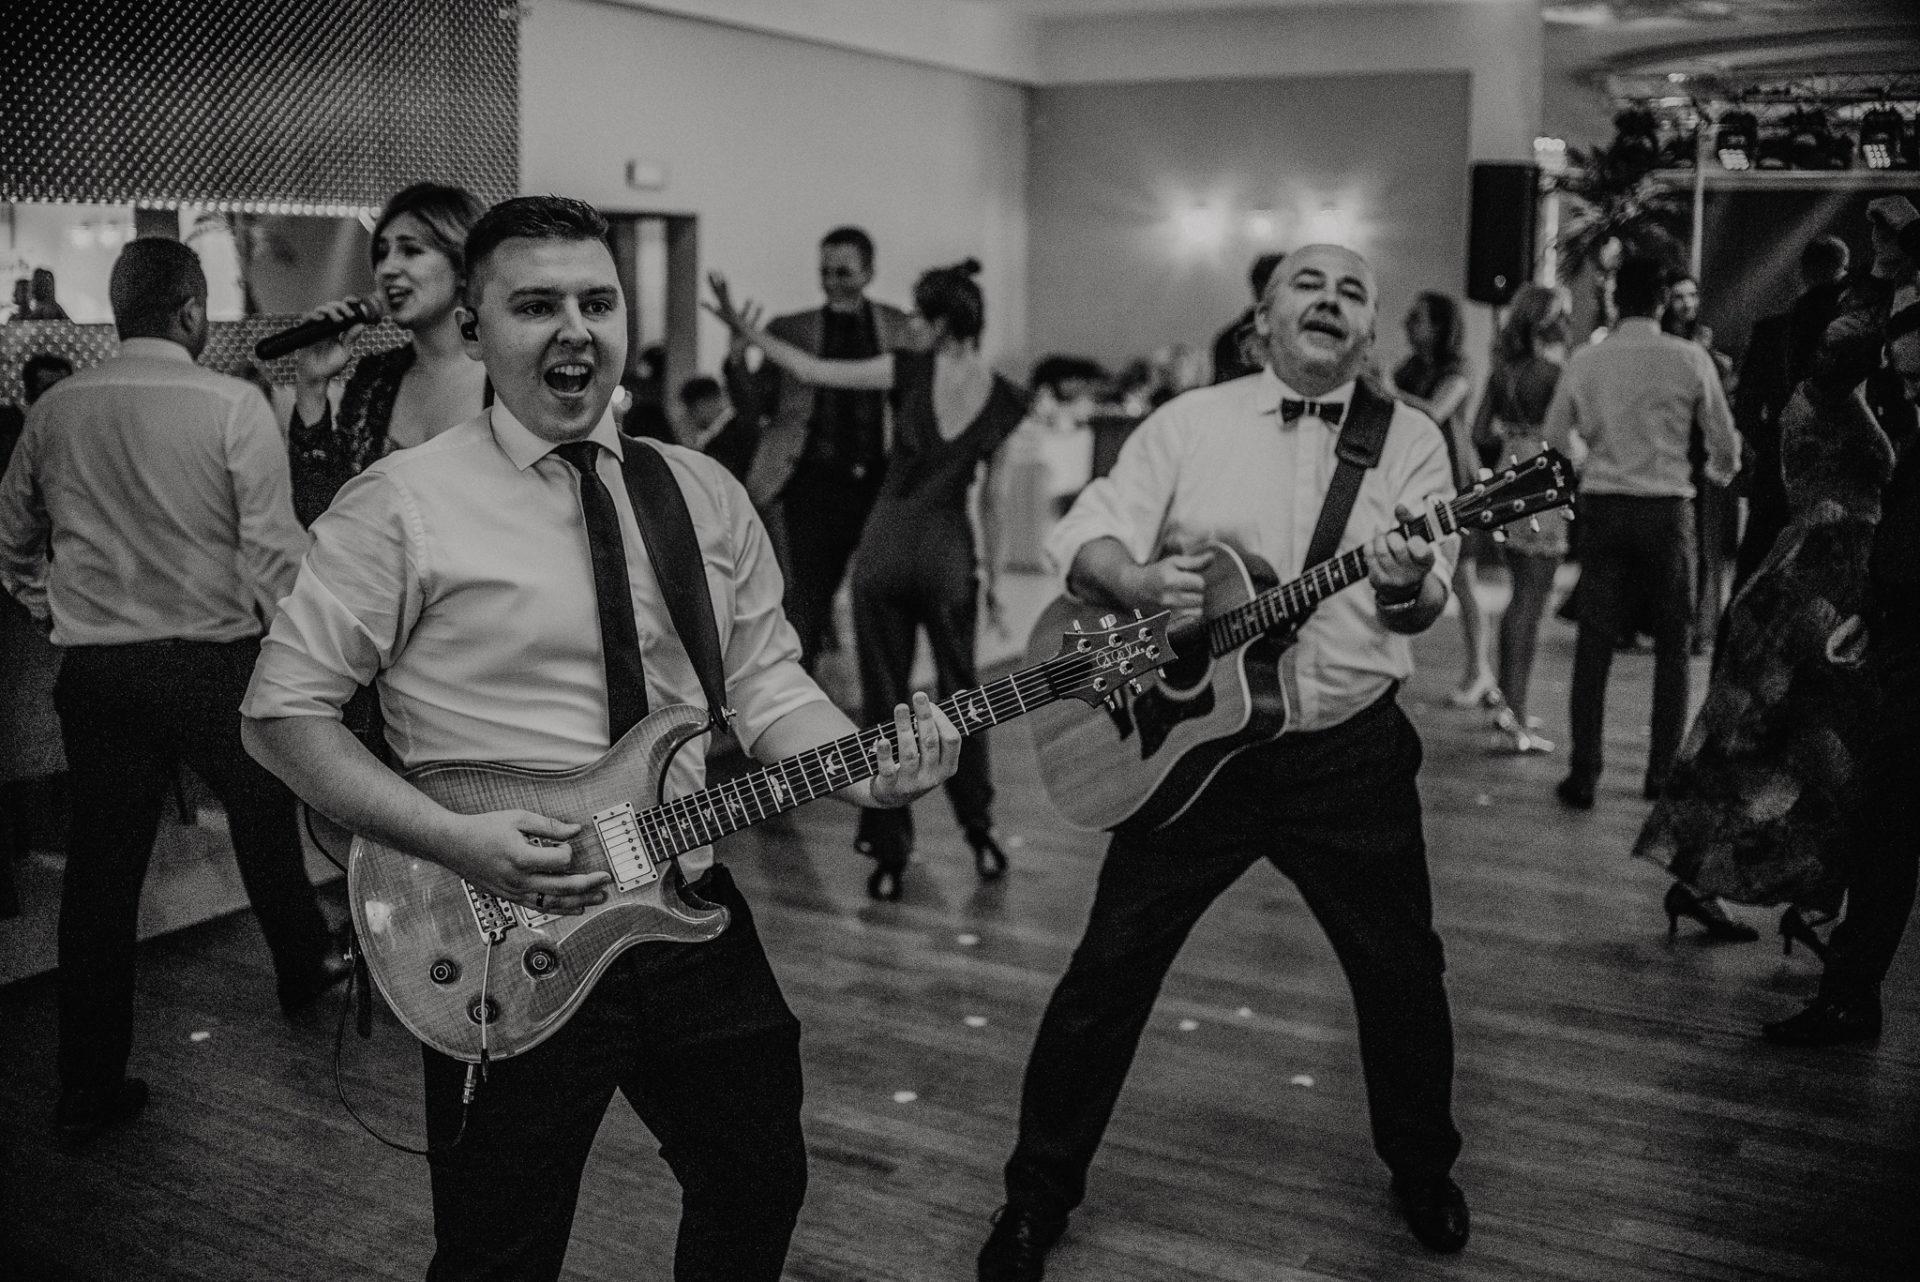 wesele chwalisz band